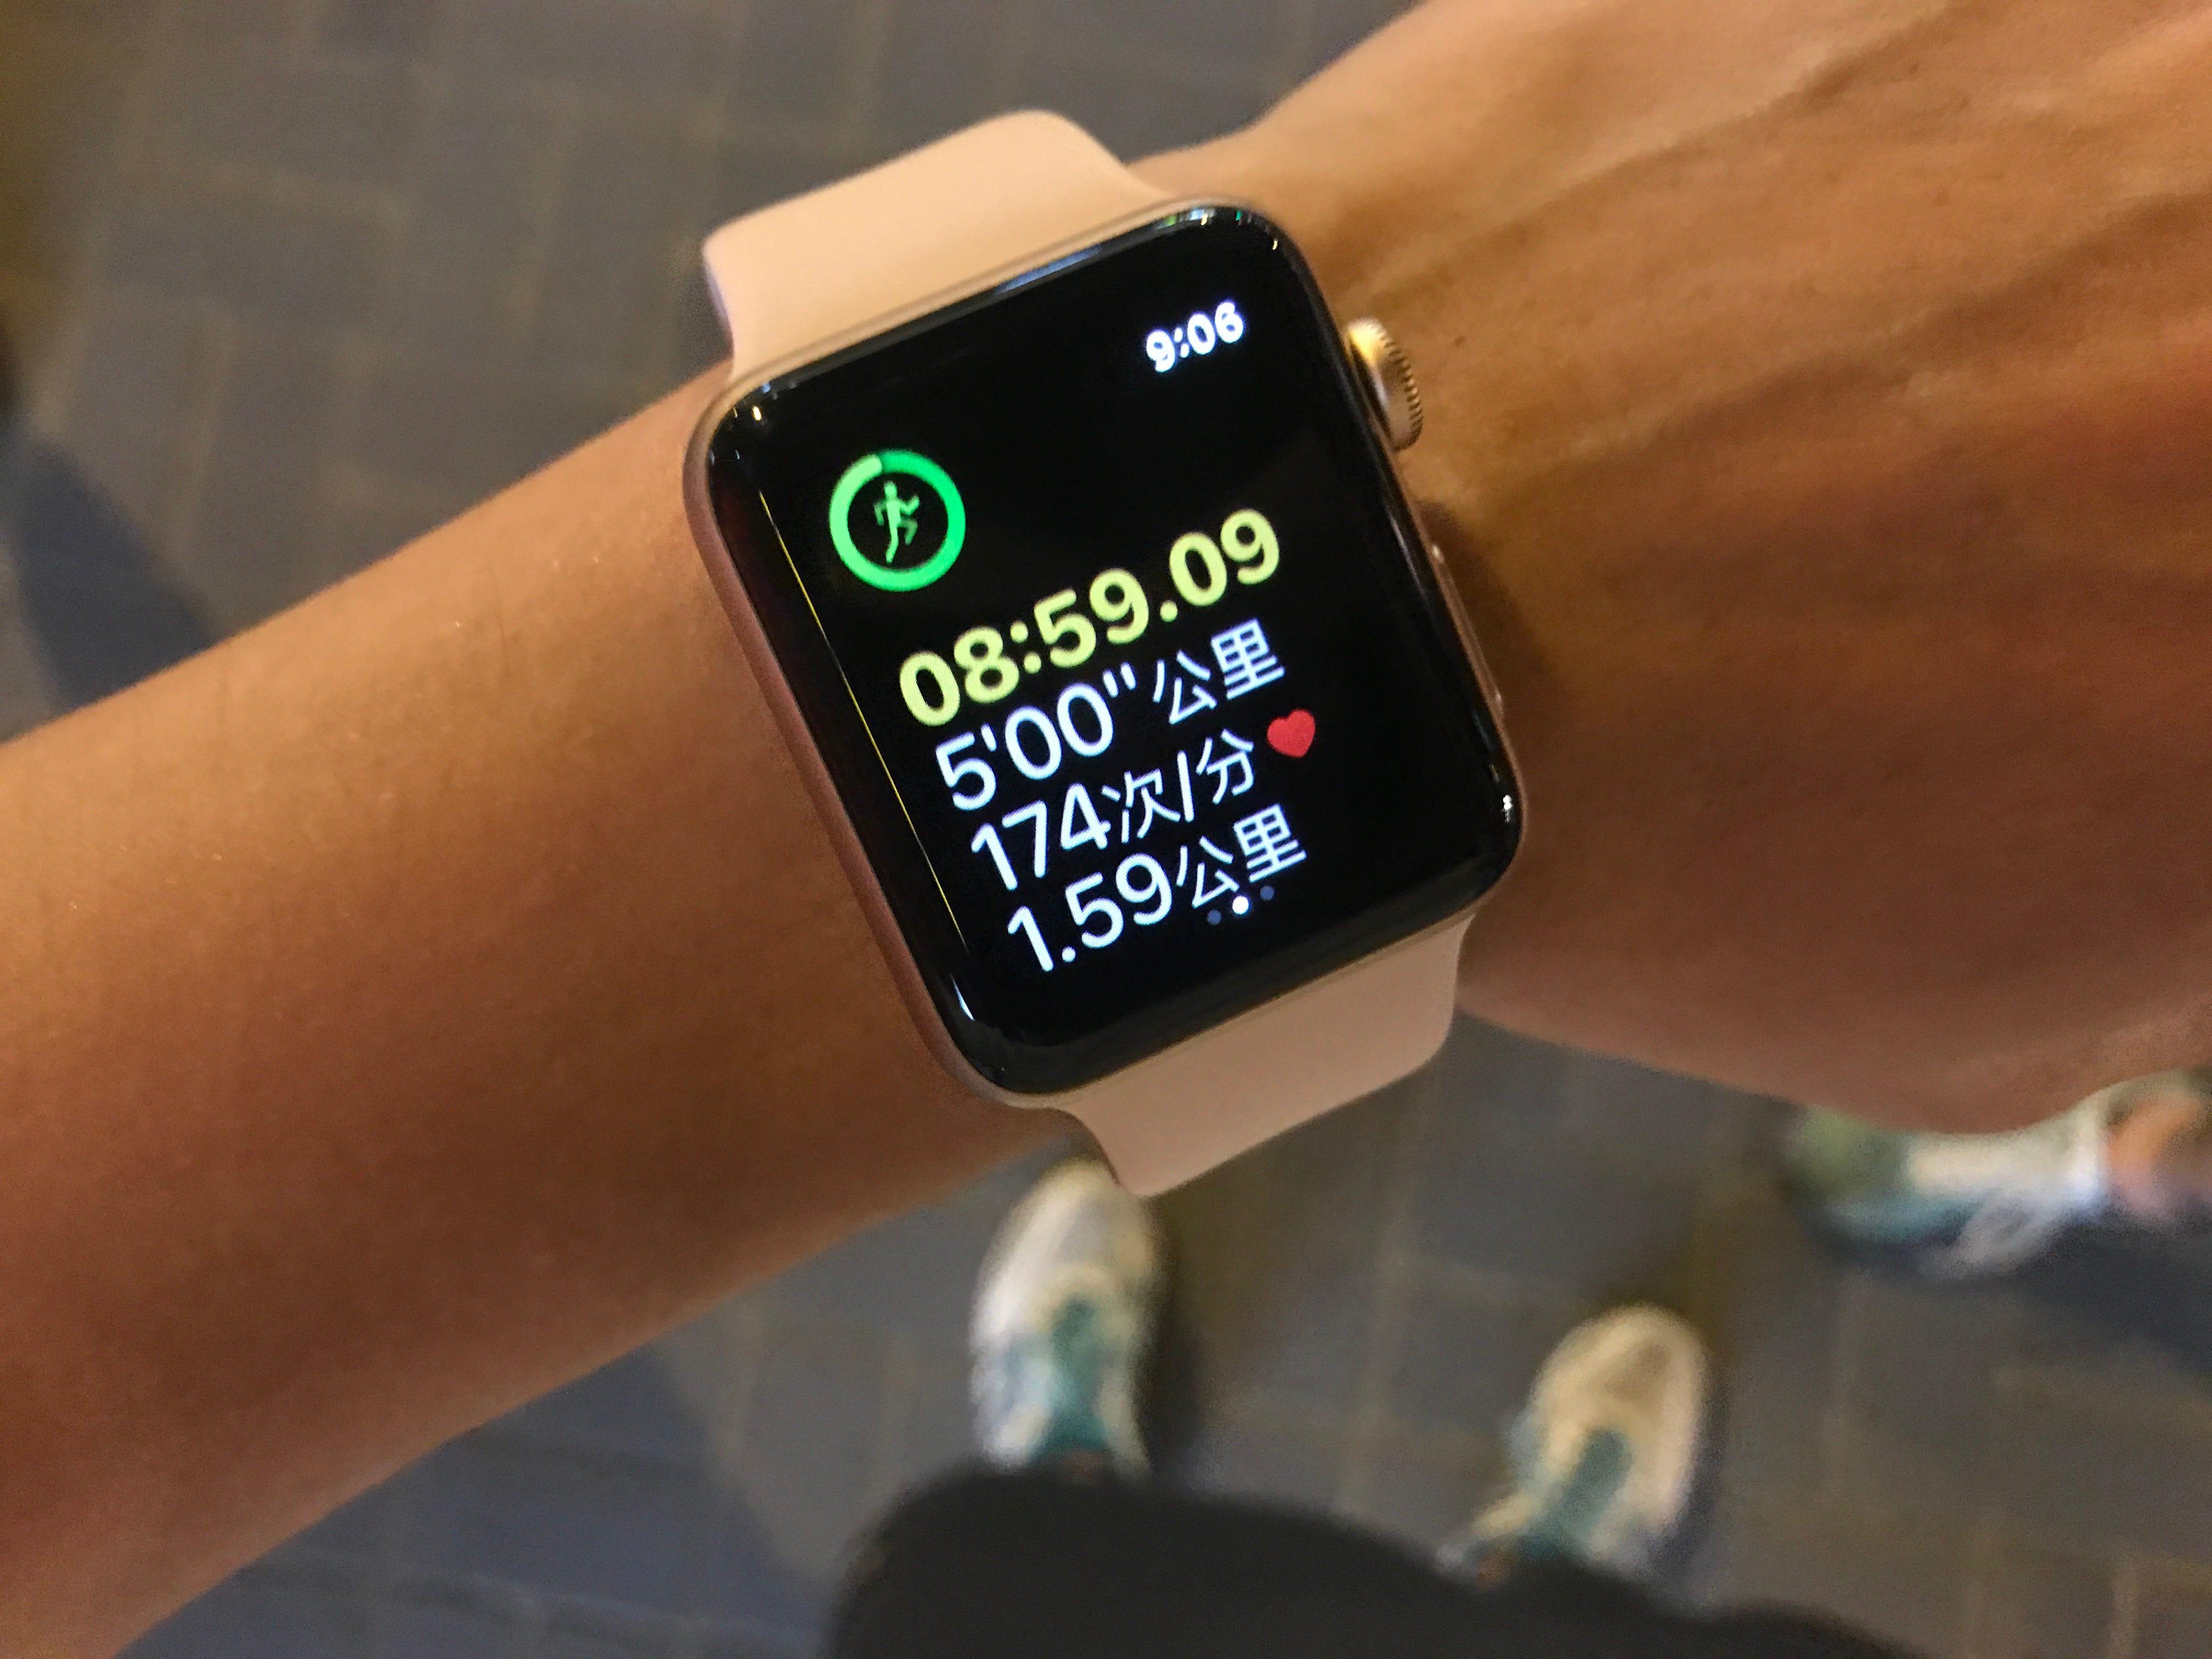 Apple Watch LTE 的缺陷原來幾美好 - 陳飴 - Medium